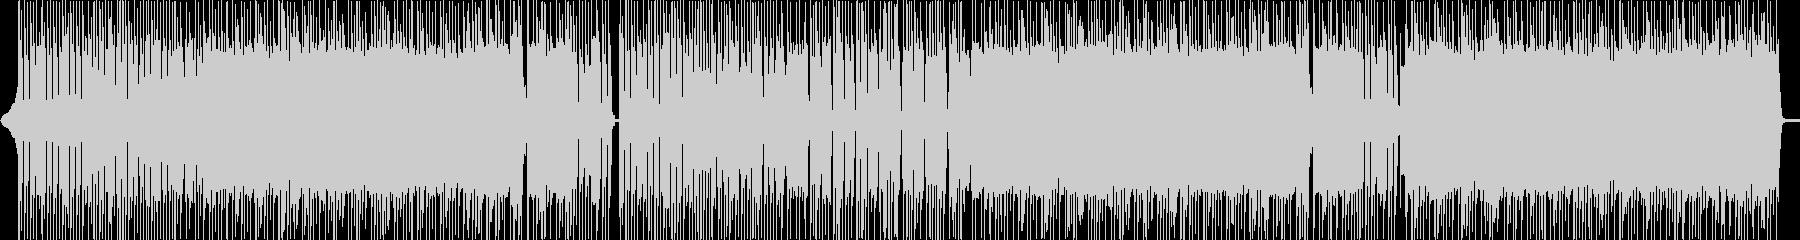 ポップロック 神経質 燃える 低音...の未再生の波形